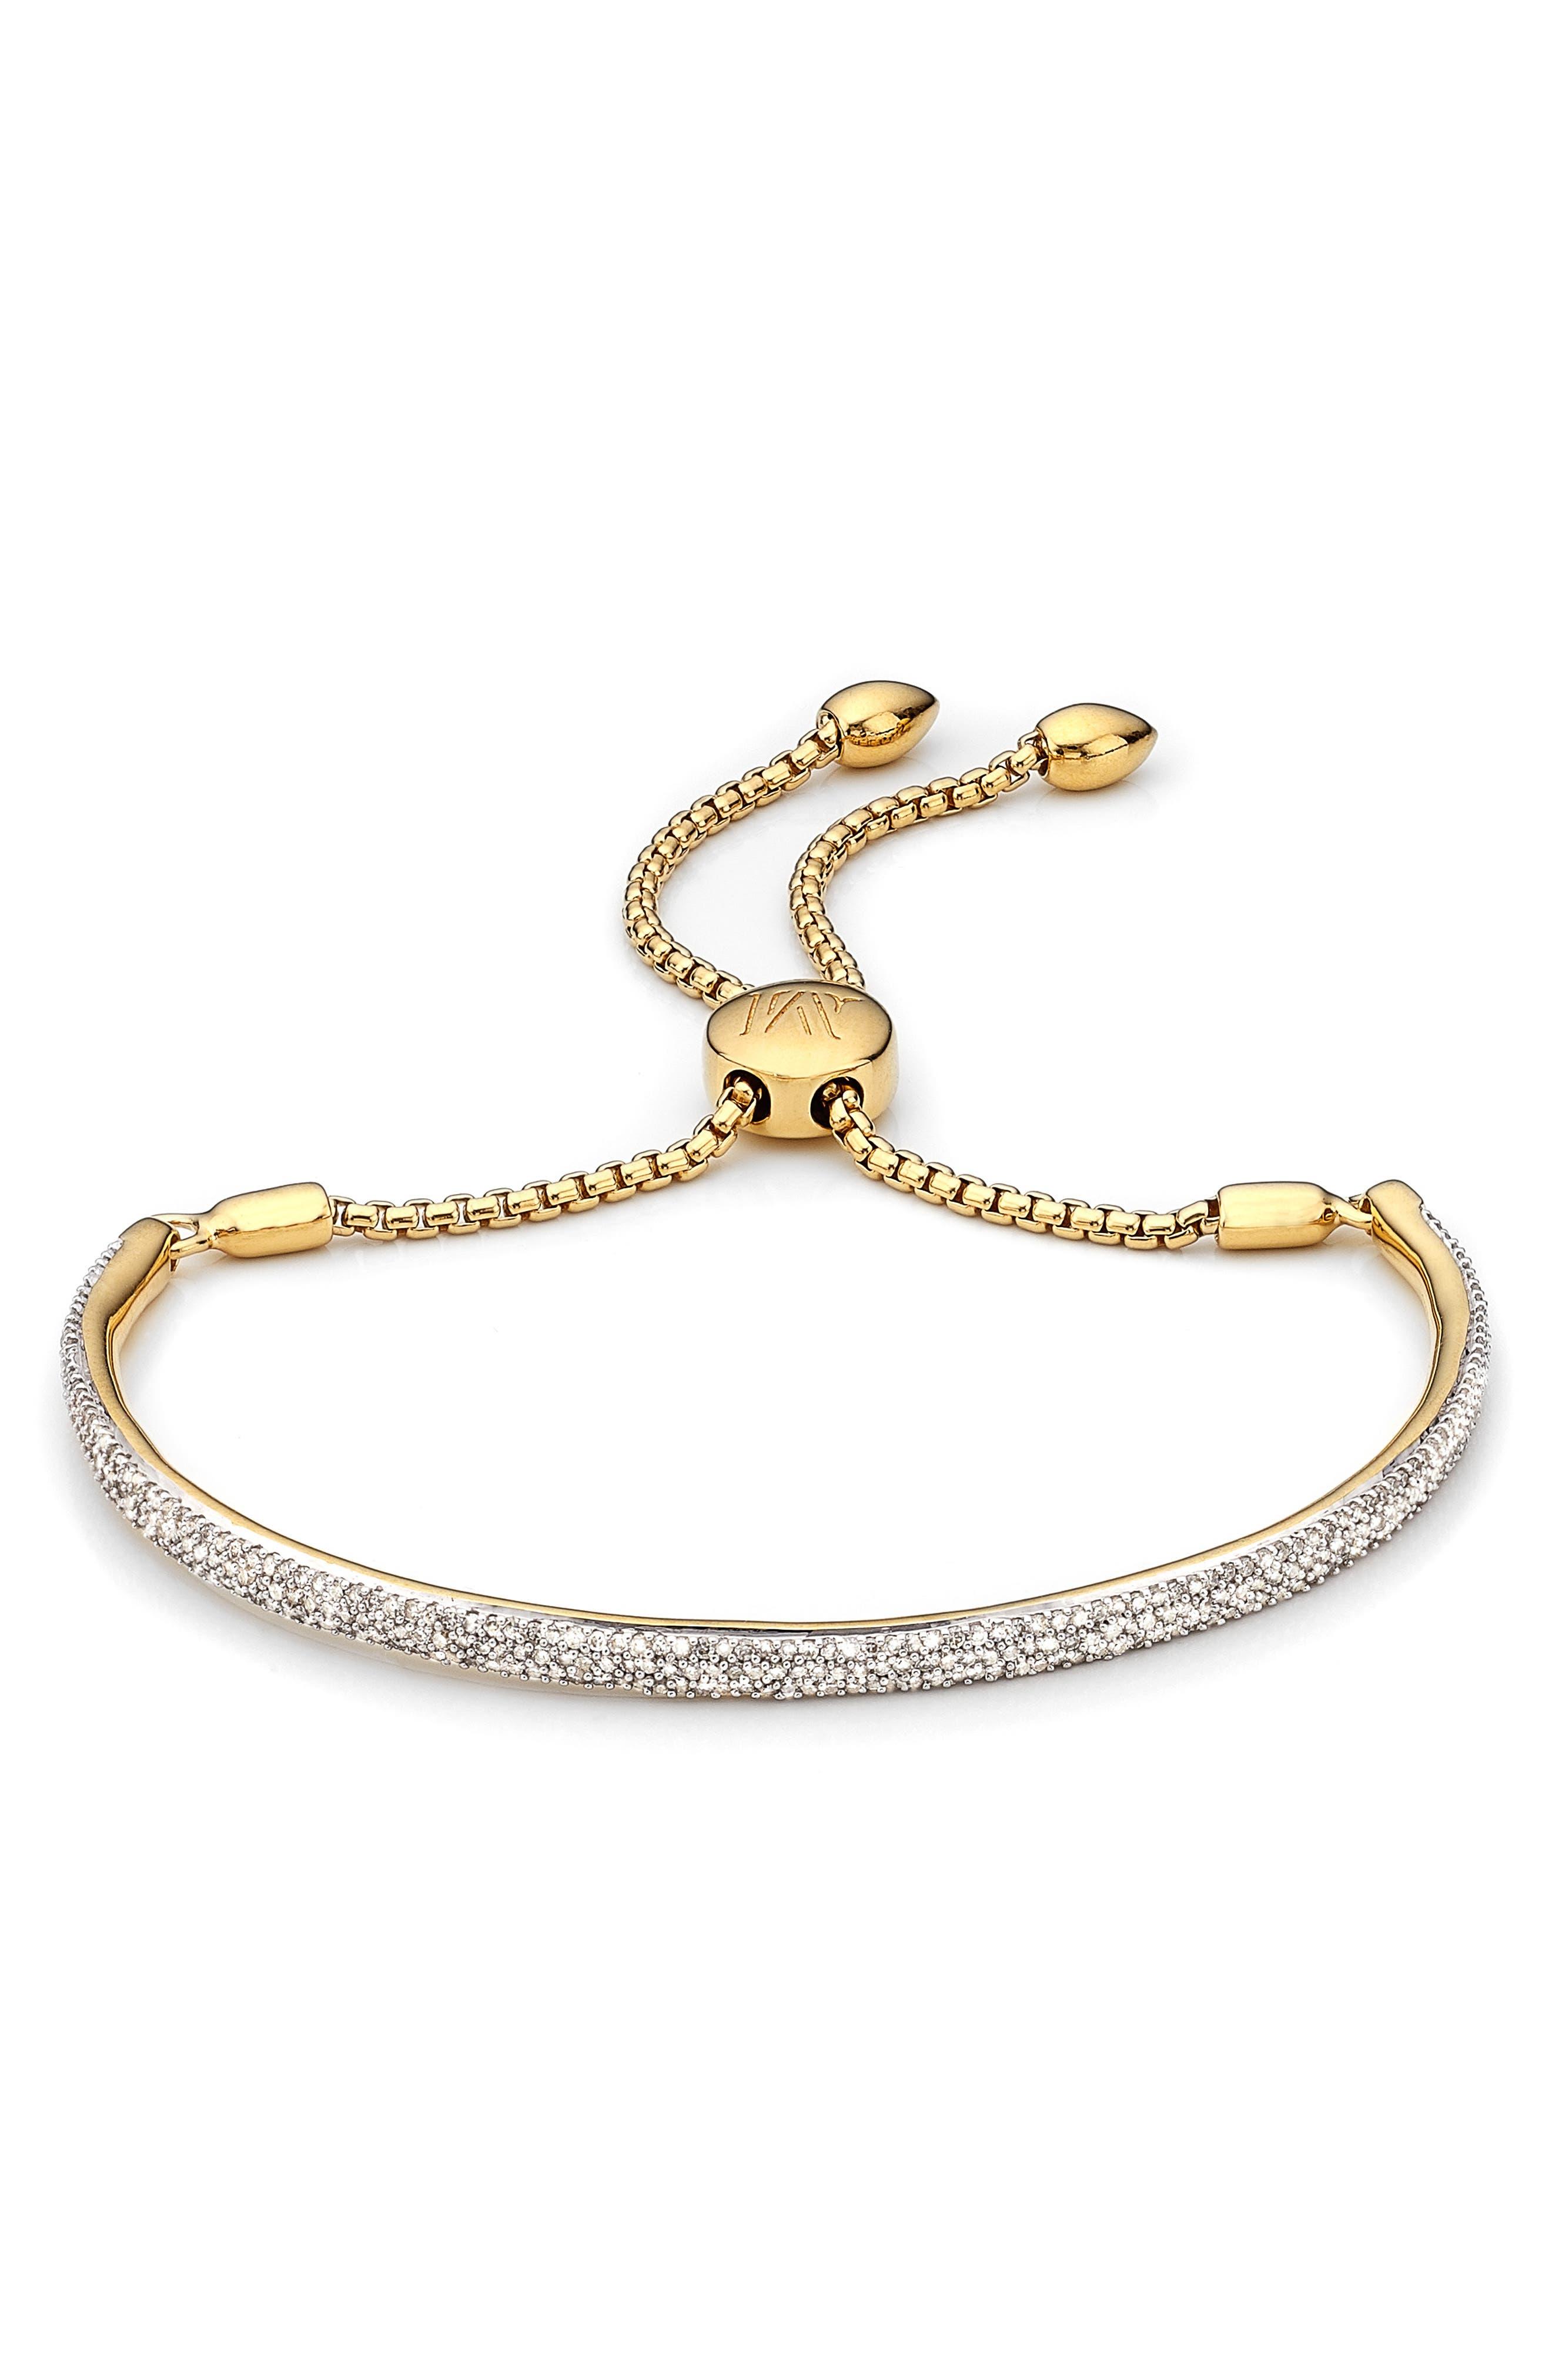 Fiji Diamond Pavé Toggle Petite Bracelet,                             Main thumbnail 1, color,                             Yellow Gold